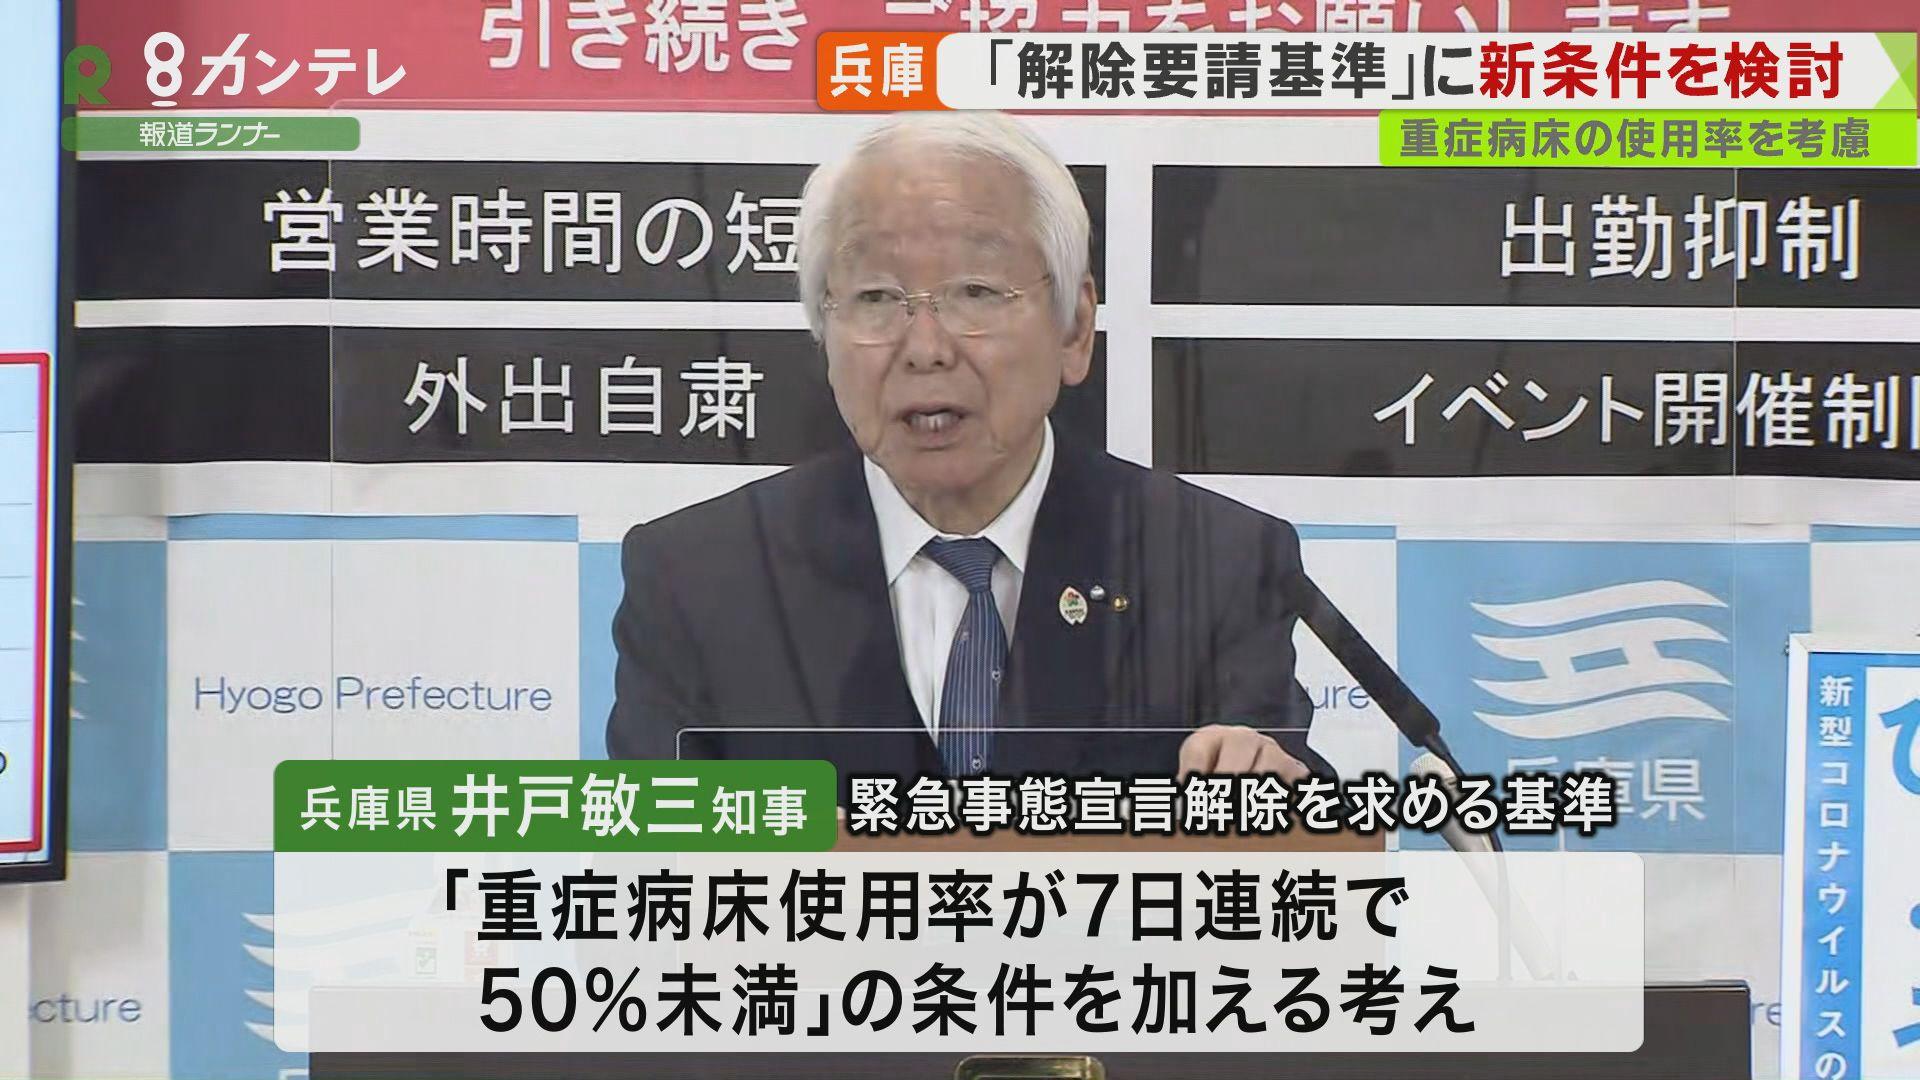 県 緊急 解除 宣言 兵庫 事態